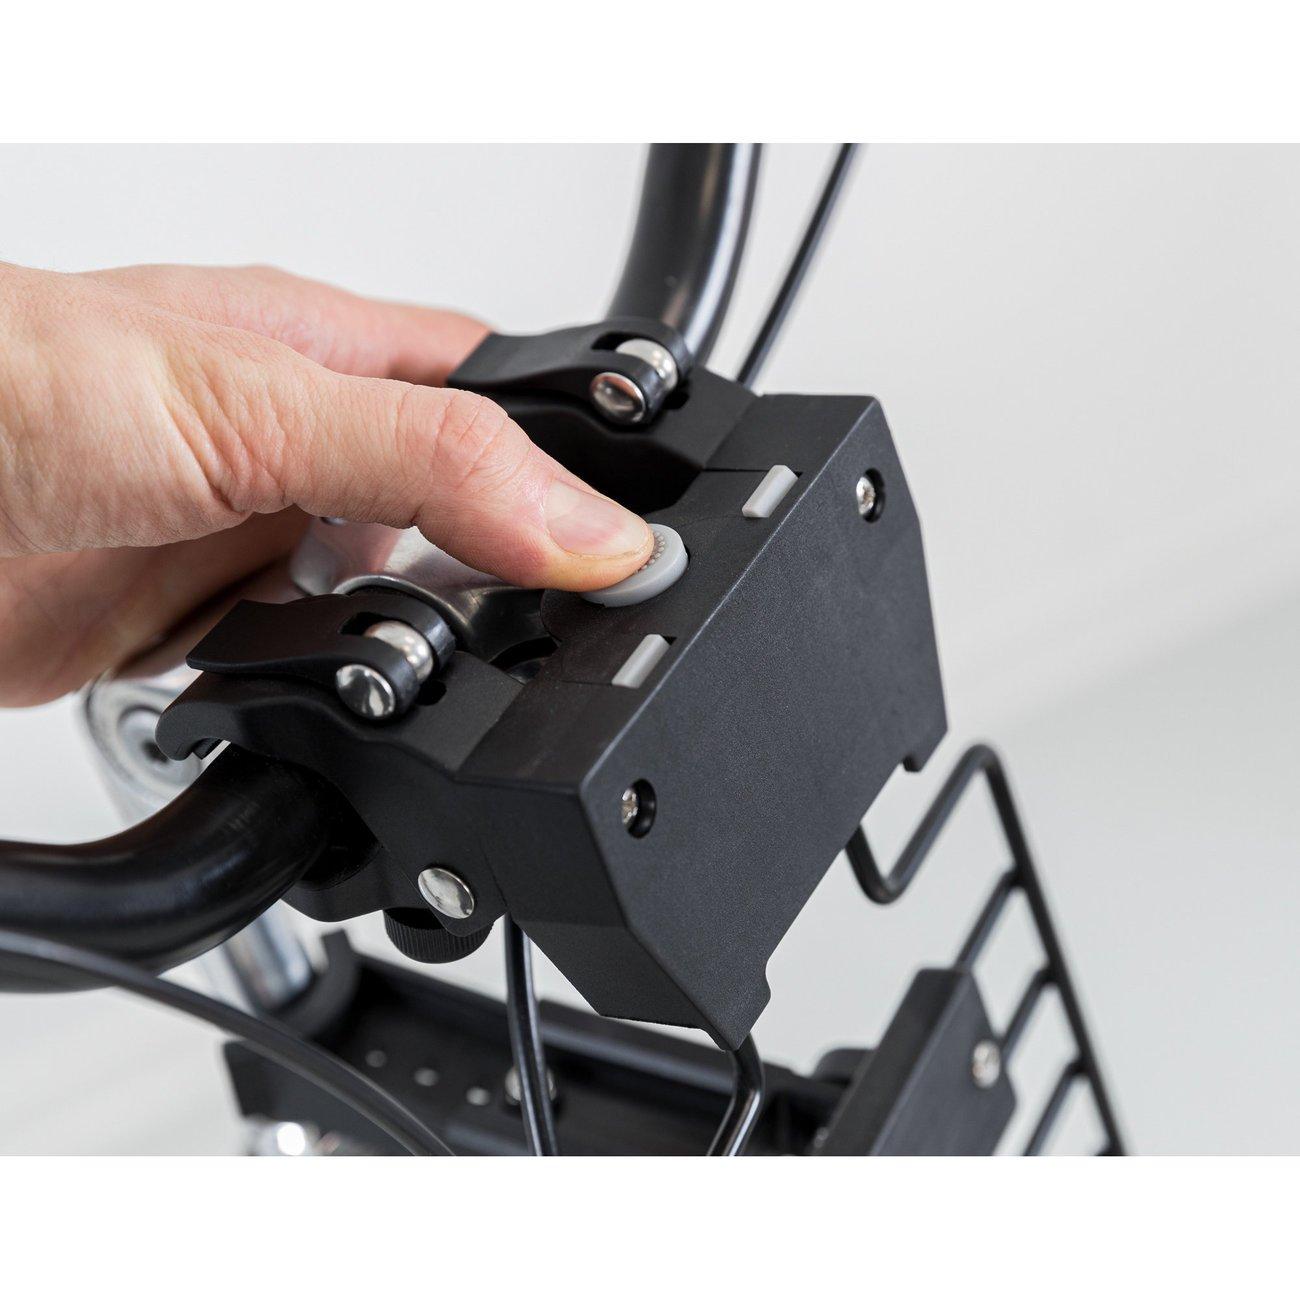 TRIXIE Lenker Front-Fahrradkorb für Hunde 13108, Bild 19